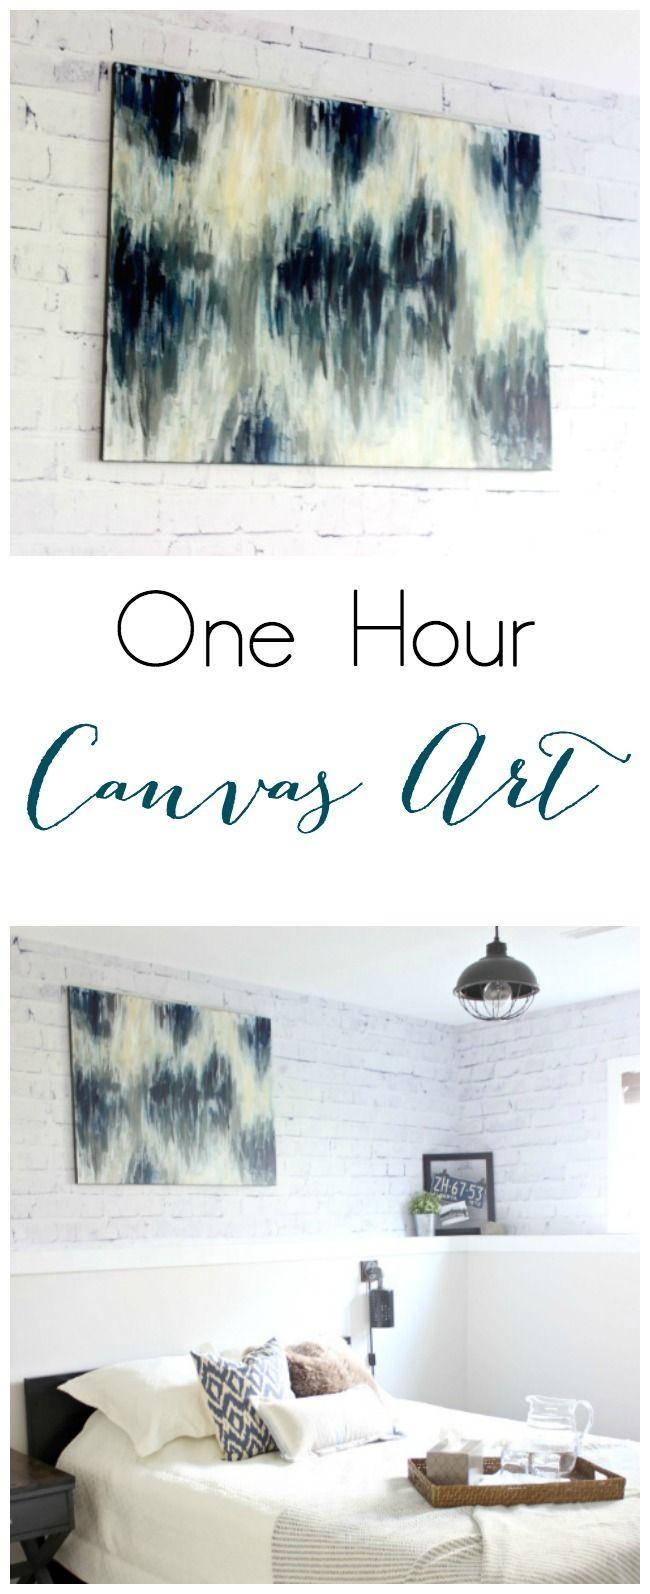 Best 25+ Diy Canvas Art Ideas On Pinterest | Diy Canvas, Diy Pertaining To Diy Pinterest Canvas Art (Image 12 of 20)